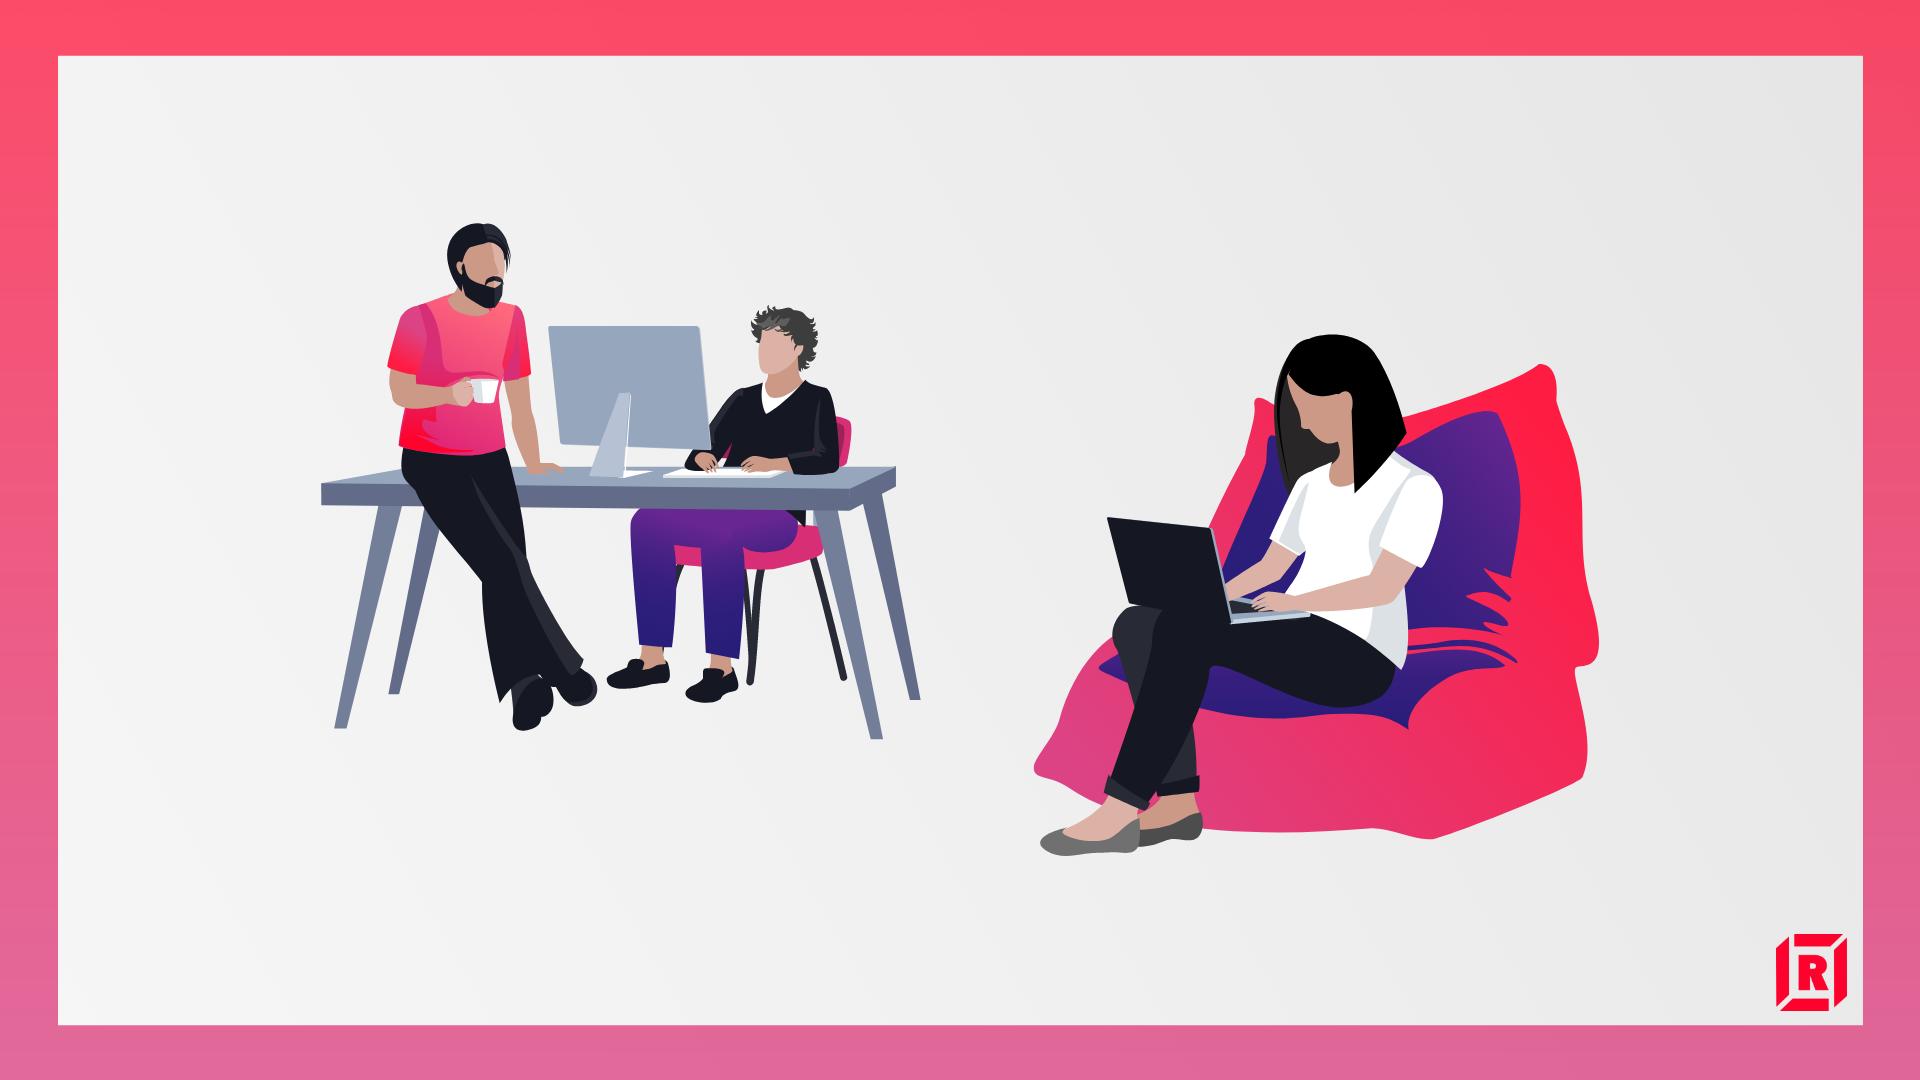 Employee benefits: remote work